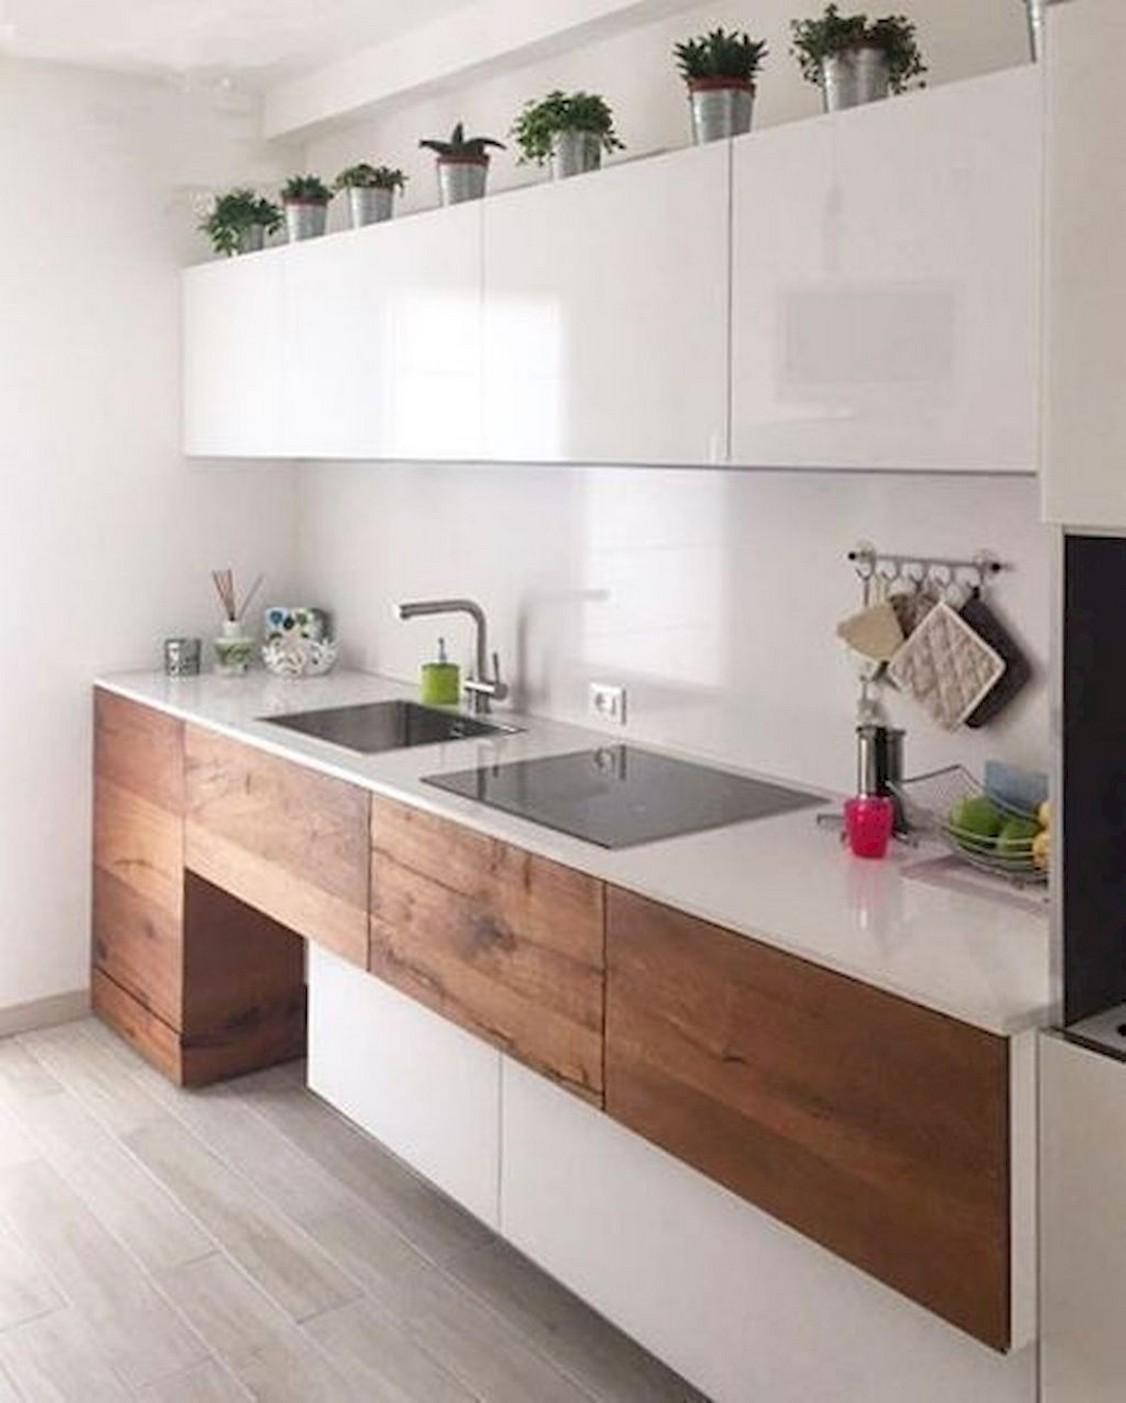 86 Modern Kitchen Ideas For Modern Kitchens Home Decor 79